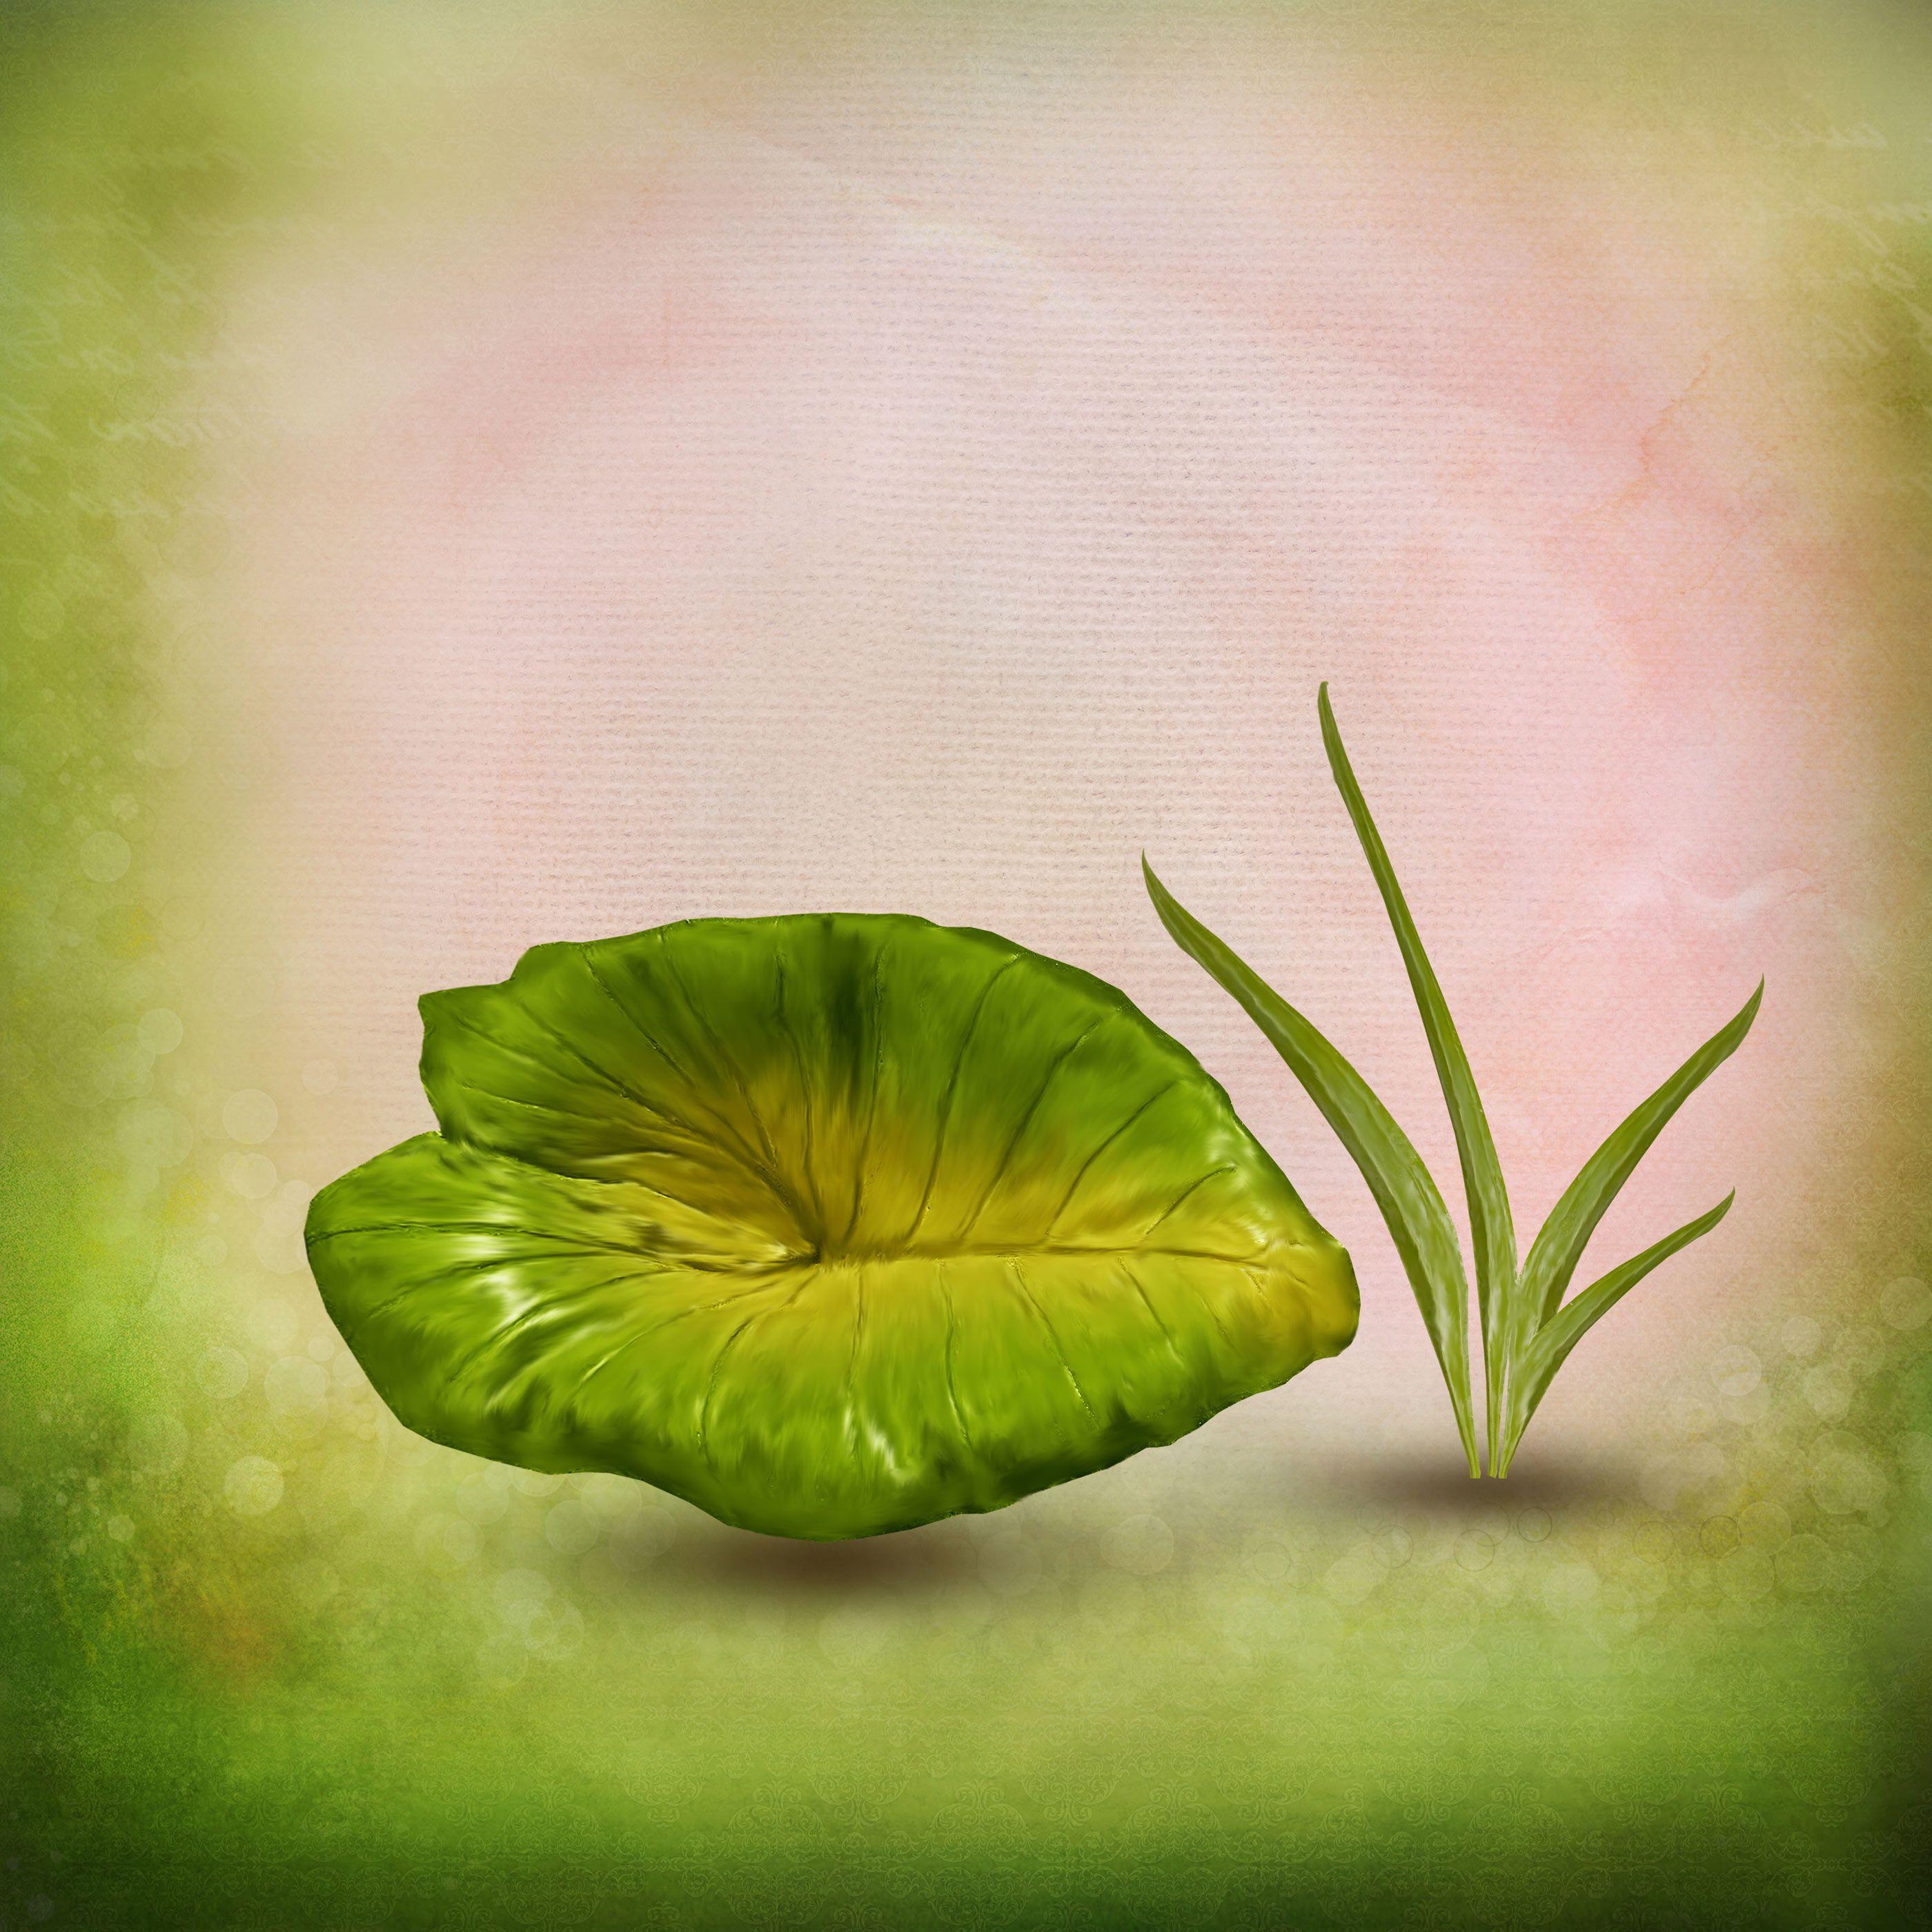 лист кувшинки